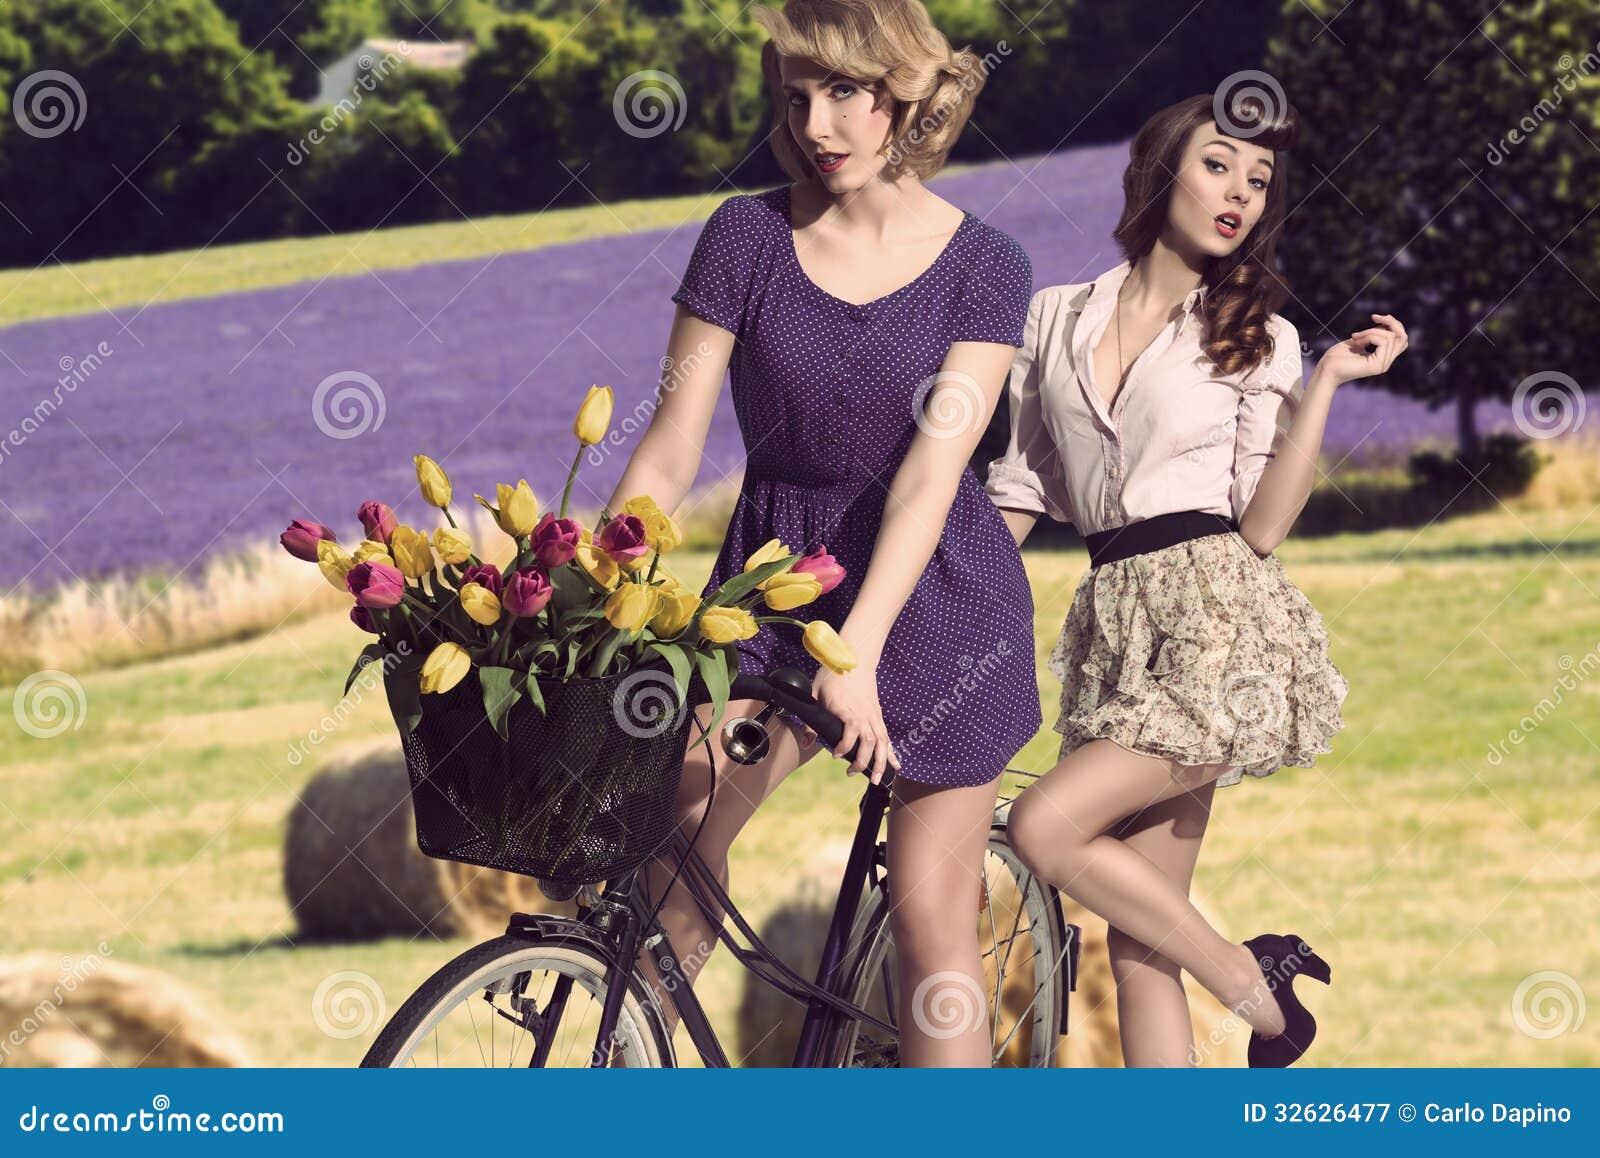 Сексуальные винтажные девушки с велосипедом